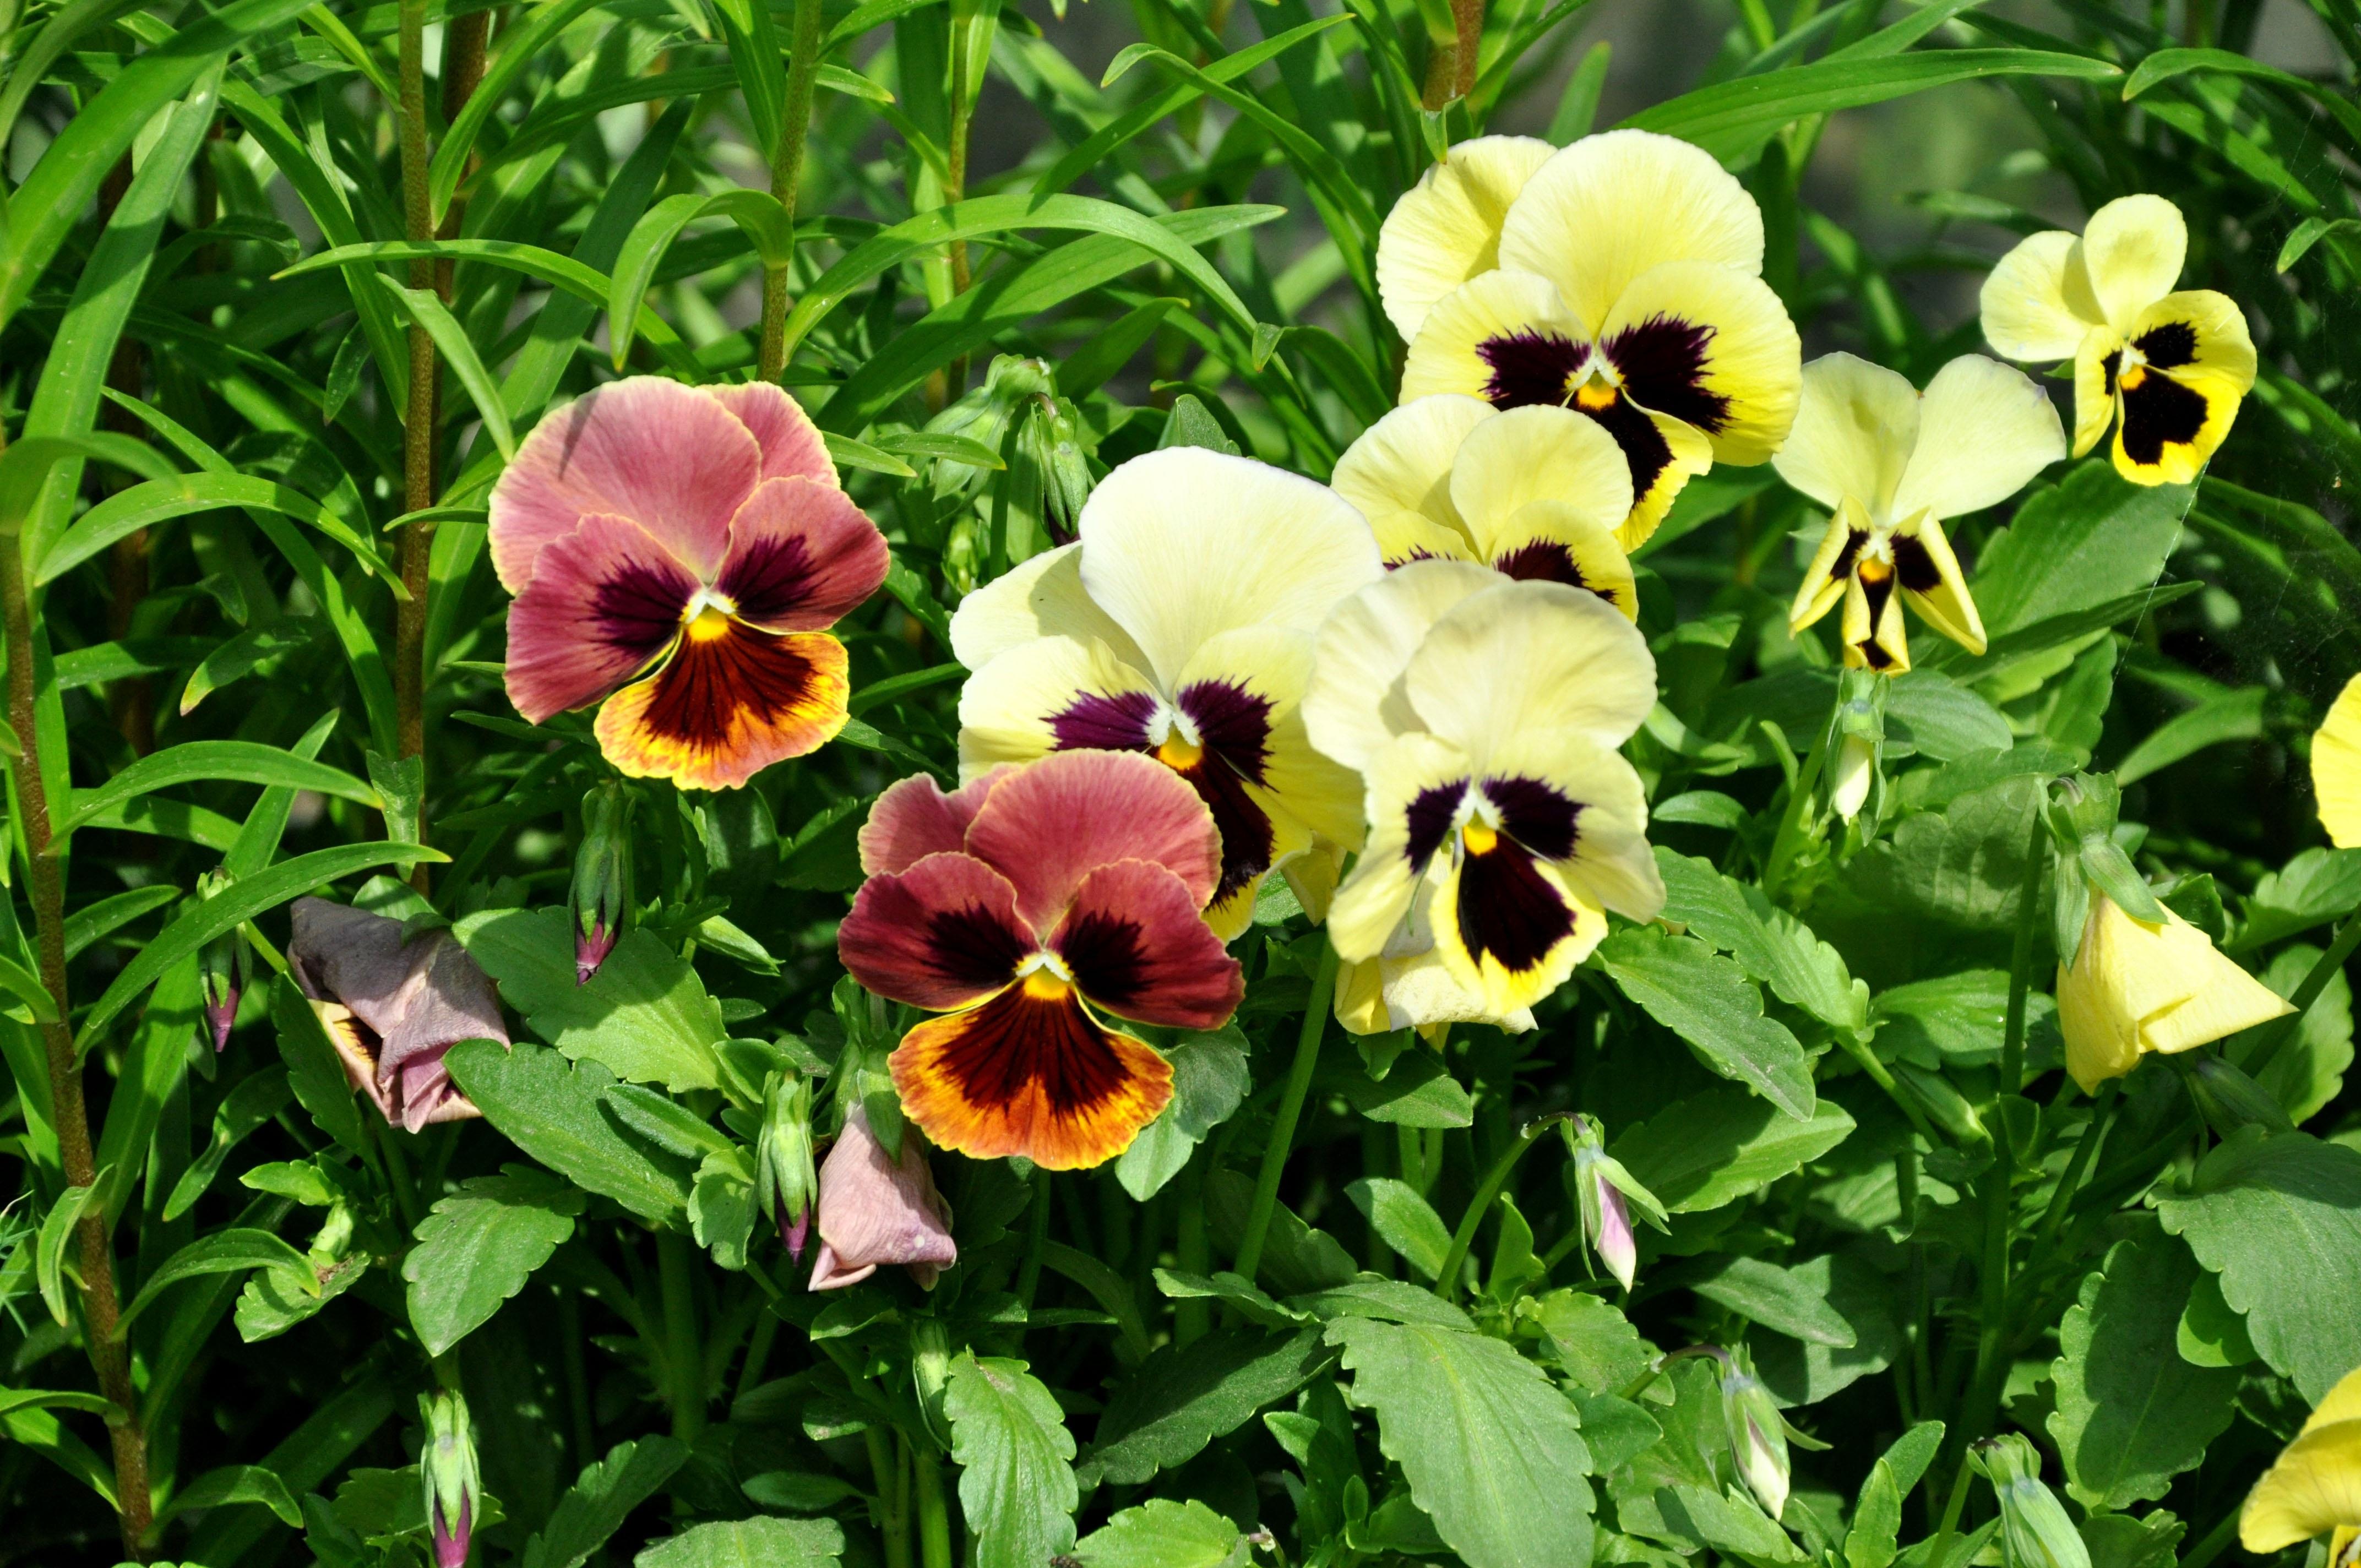 Images gratuites fleur t botanique jaune flore les plantes fleur sauvage dacha - Image fleur violette gratuite ...